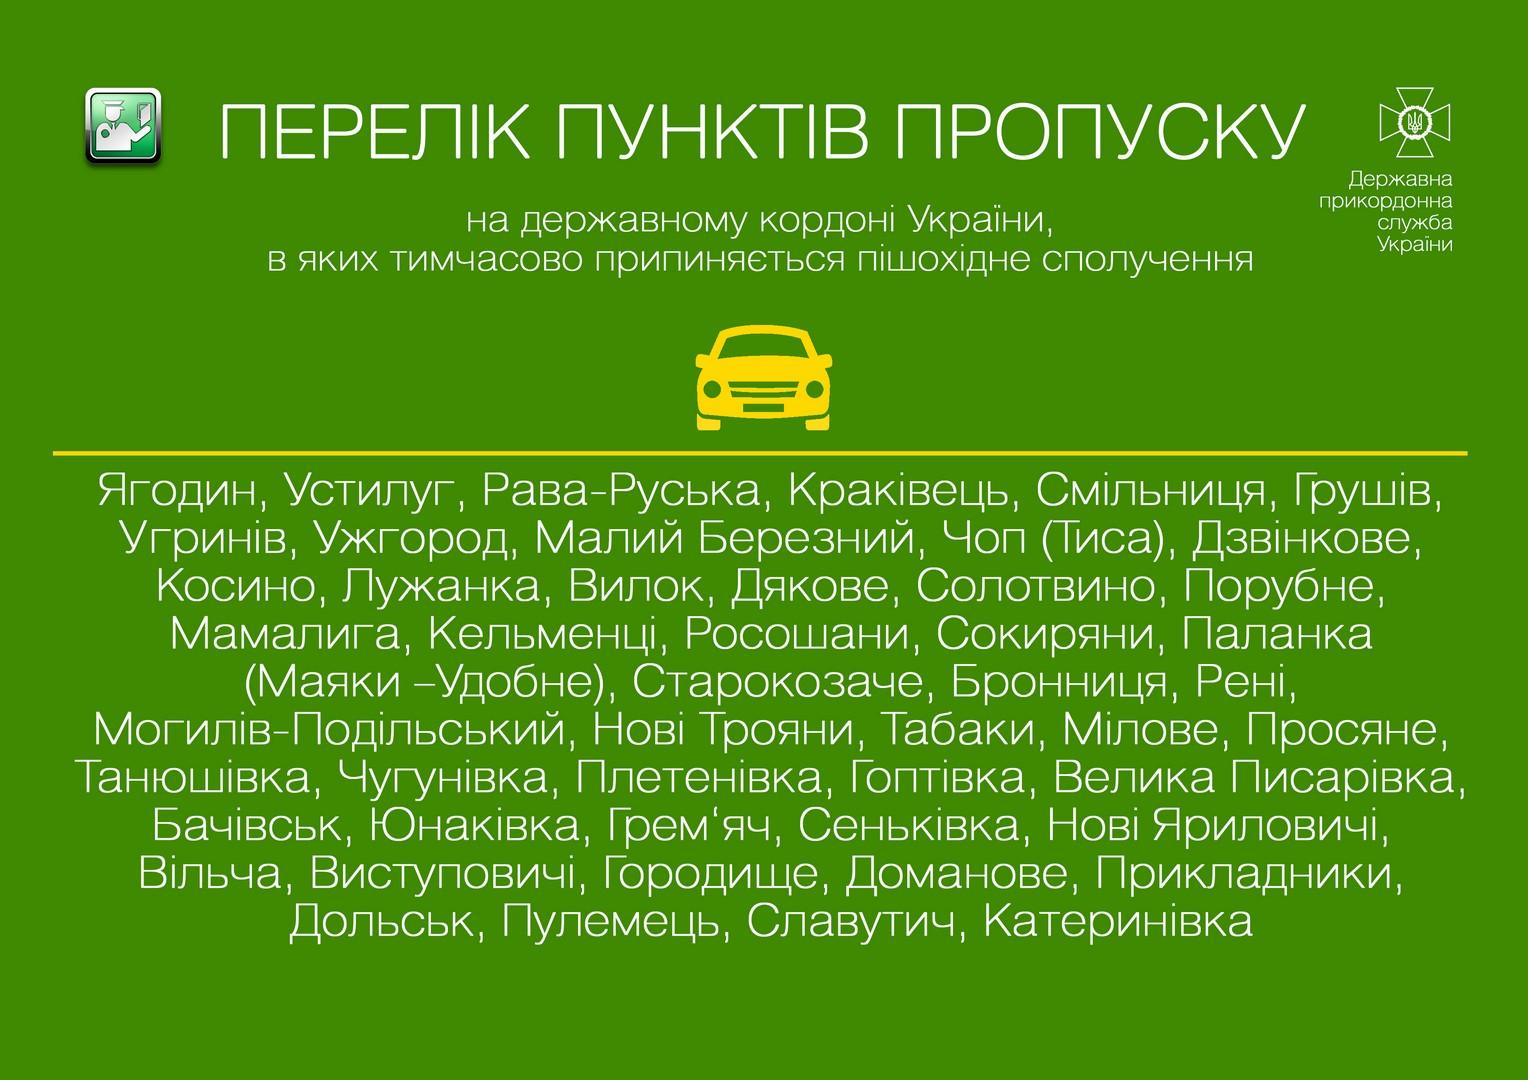 16 березня обмежуються пропускні операції на держкордоні України - Україна, світ, коронавірус - Derzhkordon2